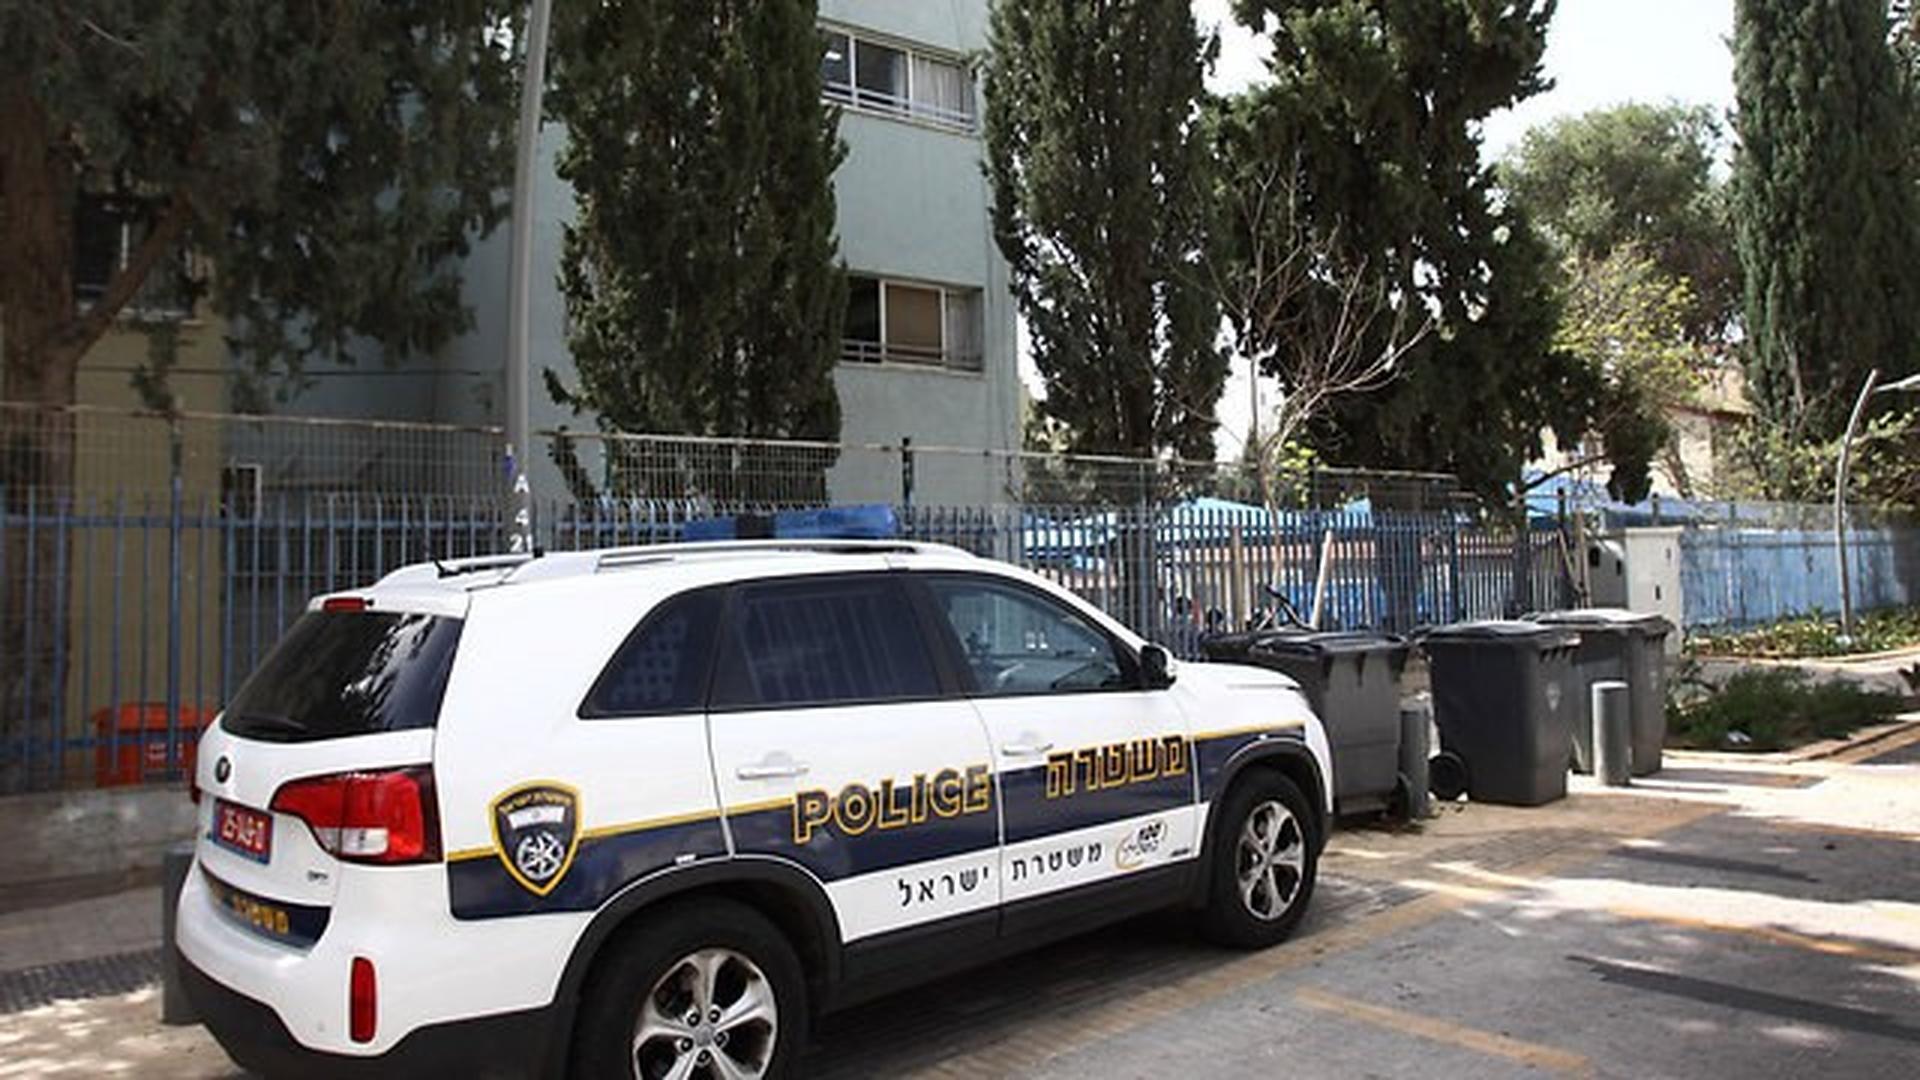 נתפסו חמישה חשודים בשעת מעשה | המחשה: אבי מועלם